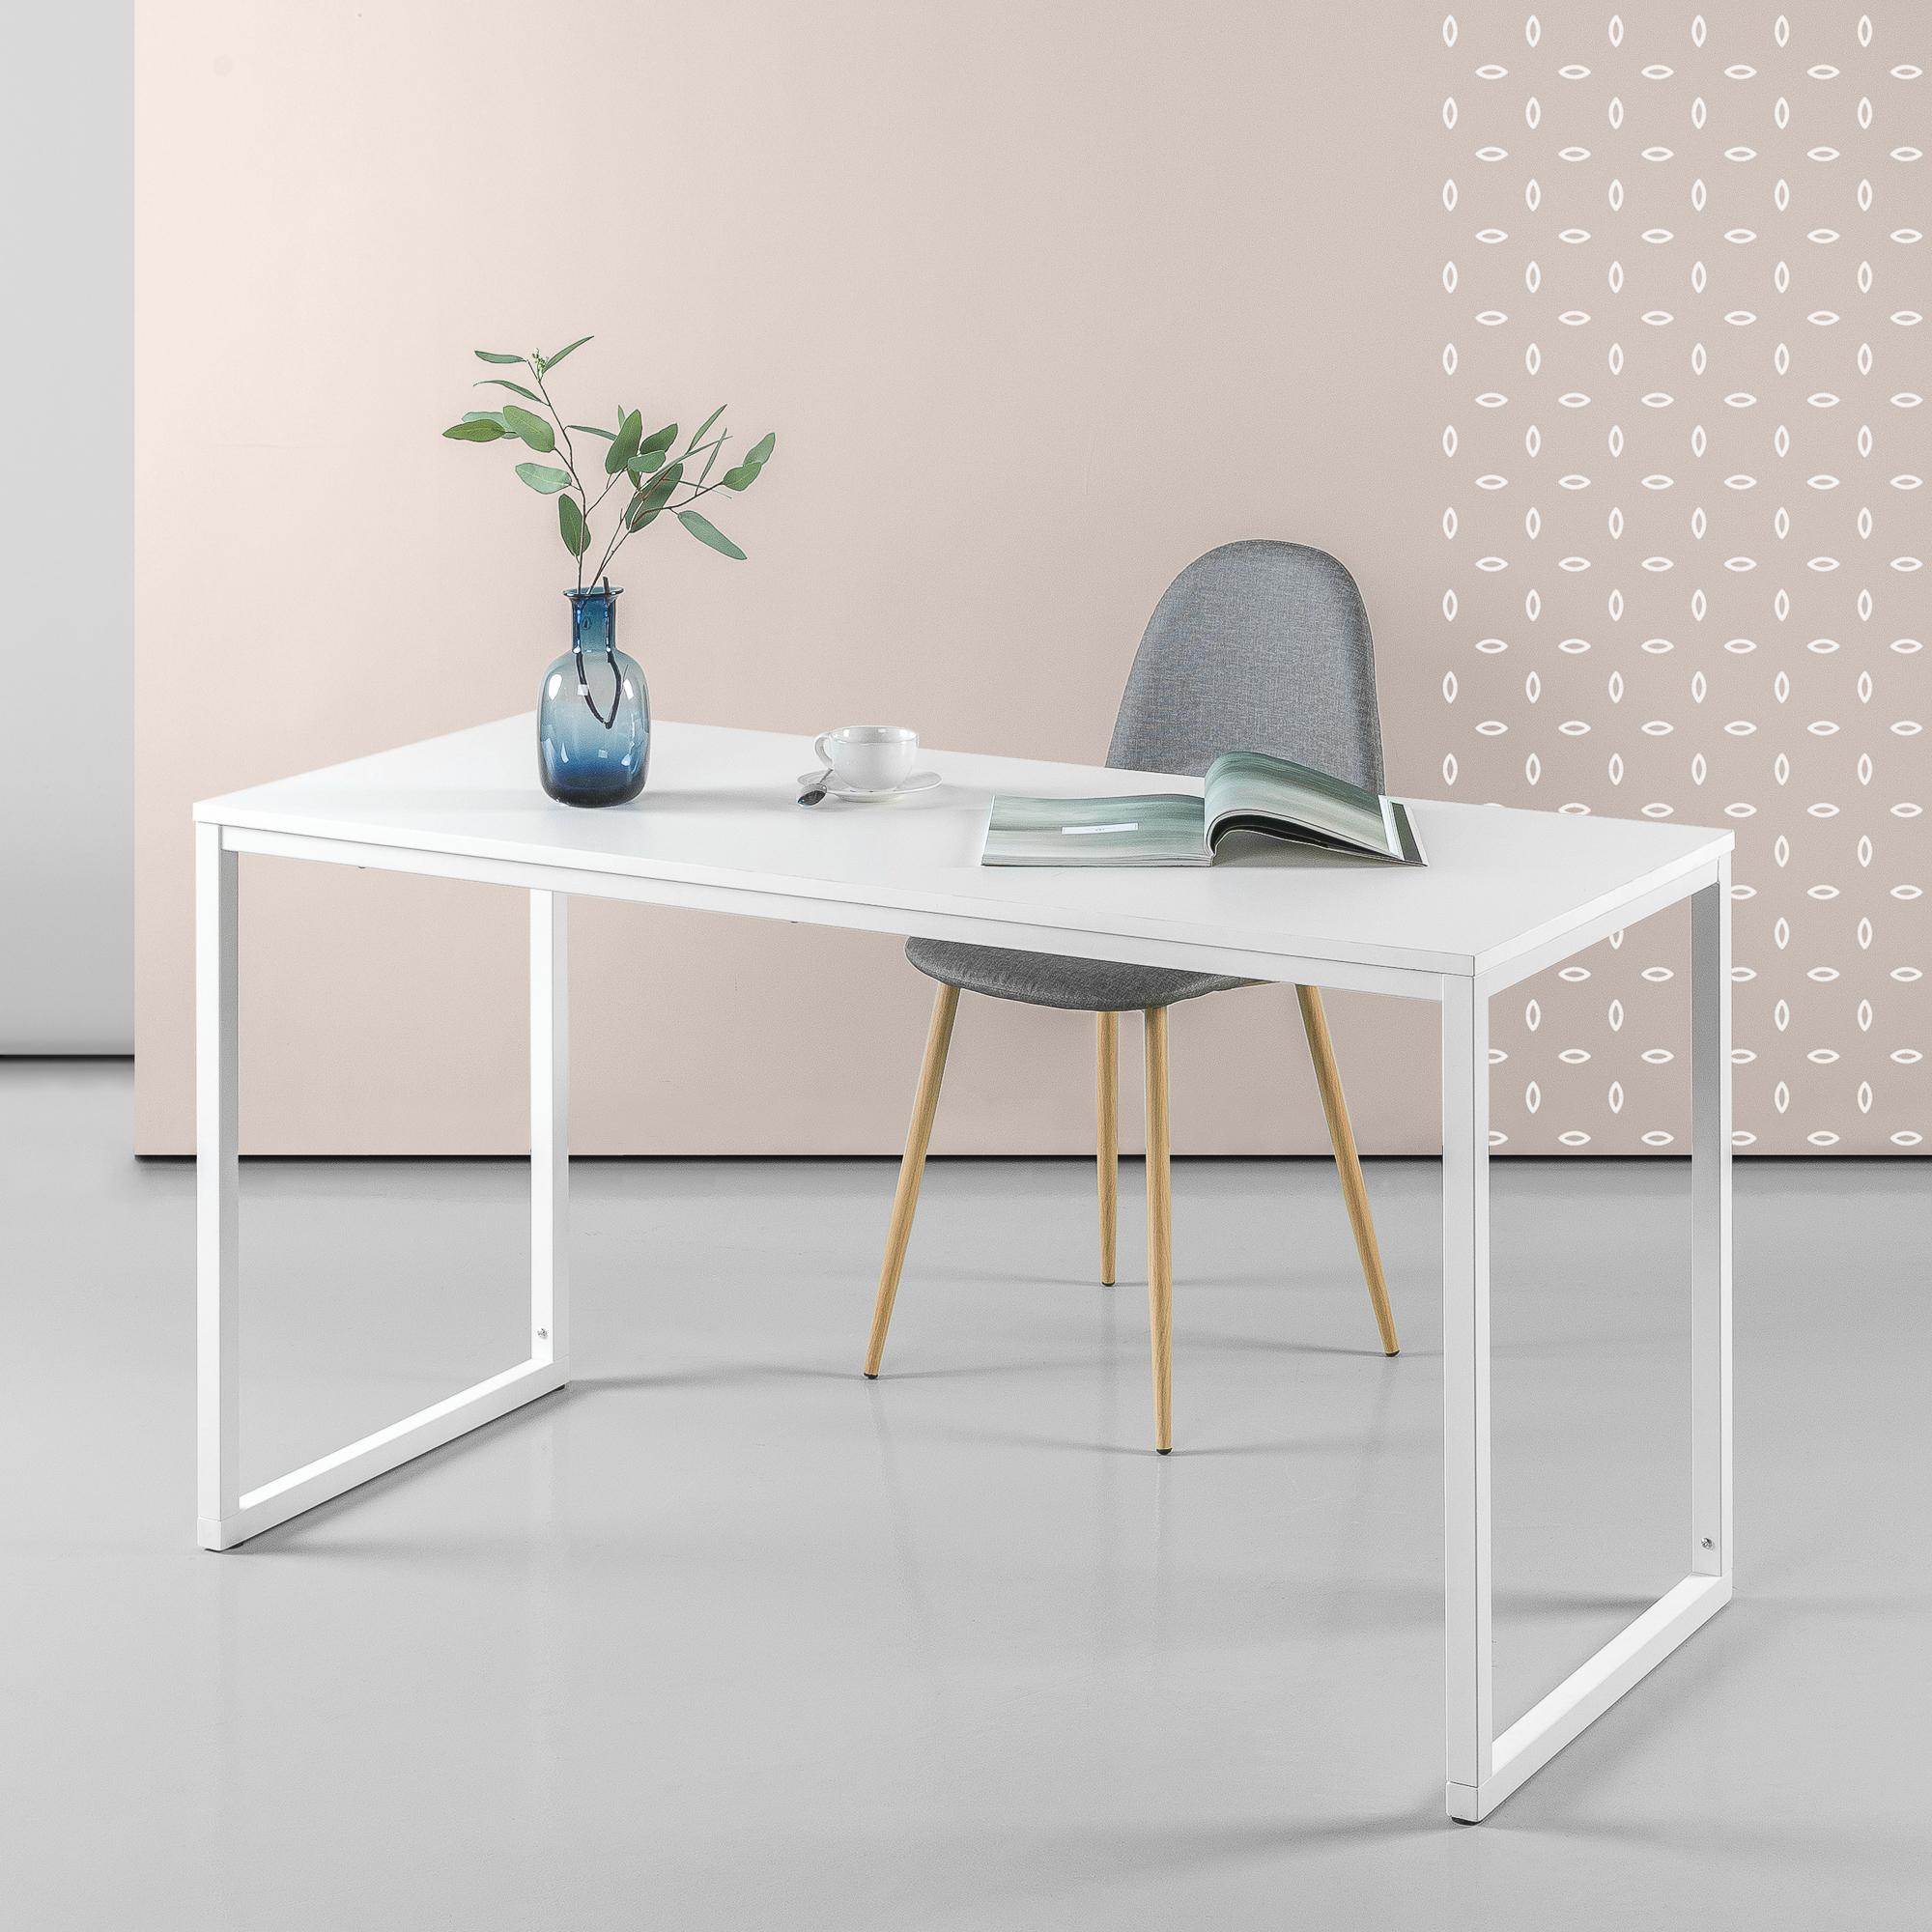 NEW-Harper-Wood-amp-Steel-Desk-Studio-Home-Desks thumbnail 3